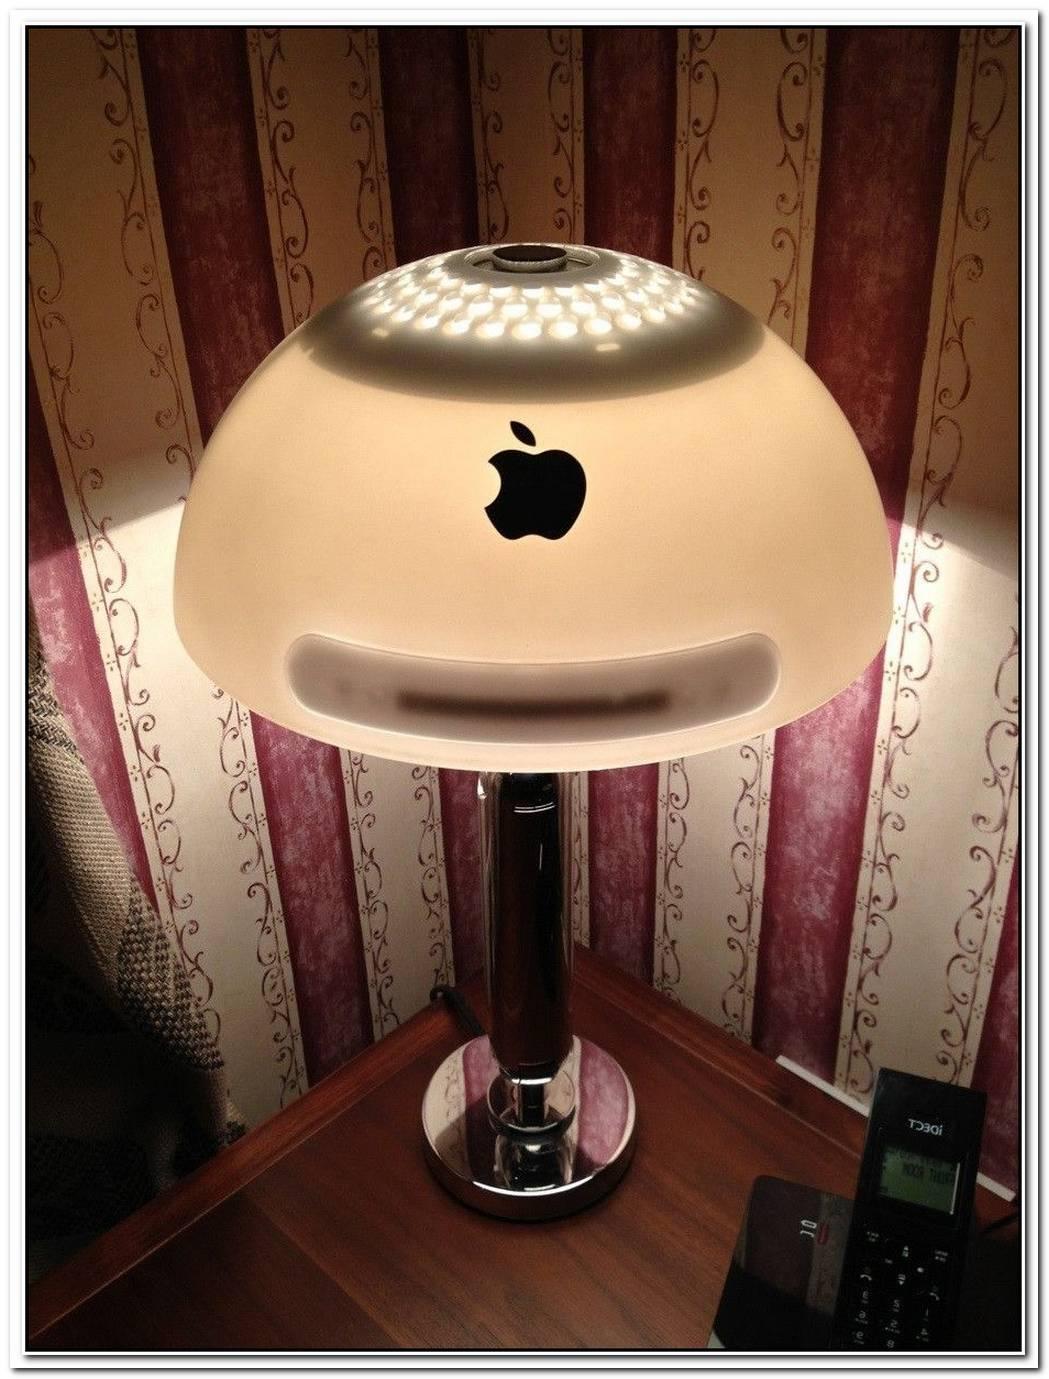 Imac G4 Desk Lamp